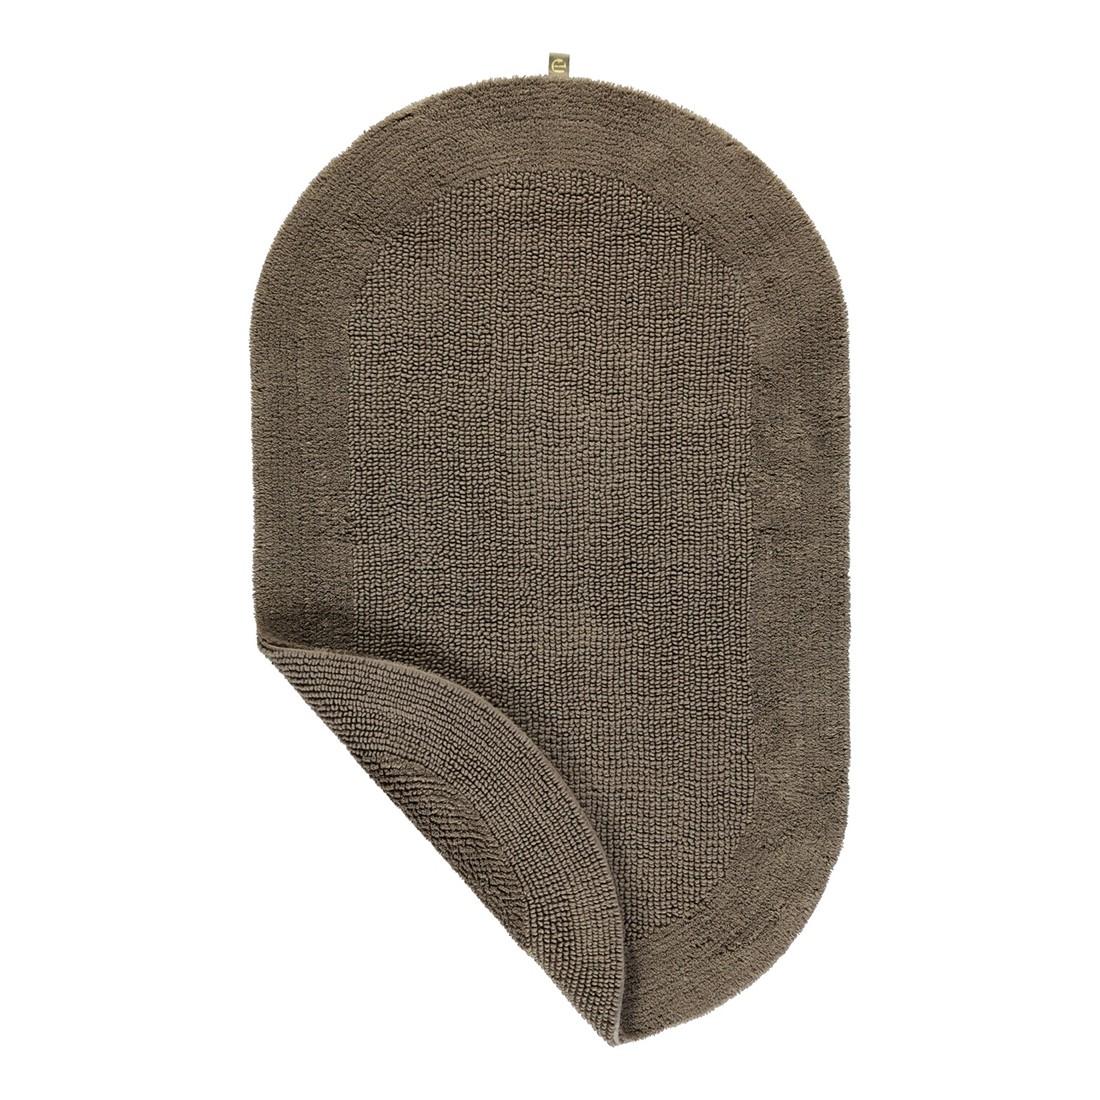 Badteppich Exquisit – 100% Baumwolle taupe – 58 – 60 x 100 cm, Rhomtuft jetzt bestellen